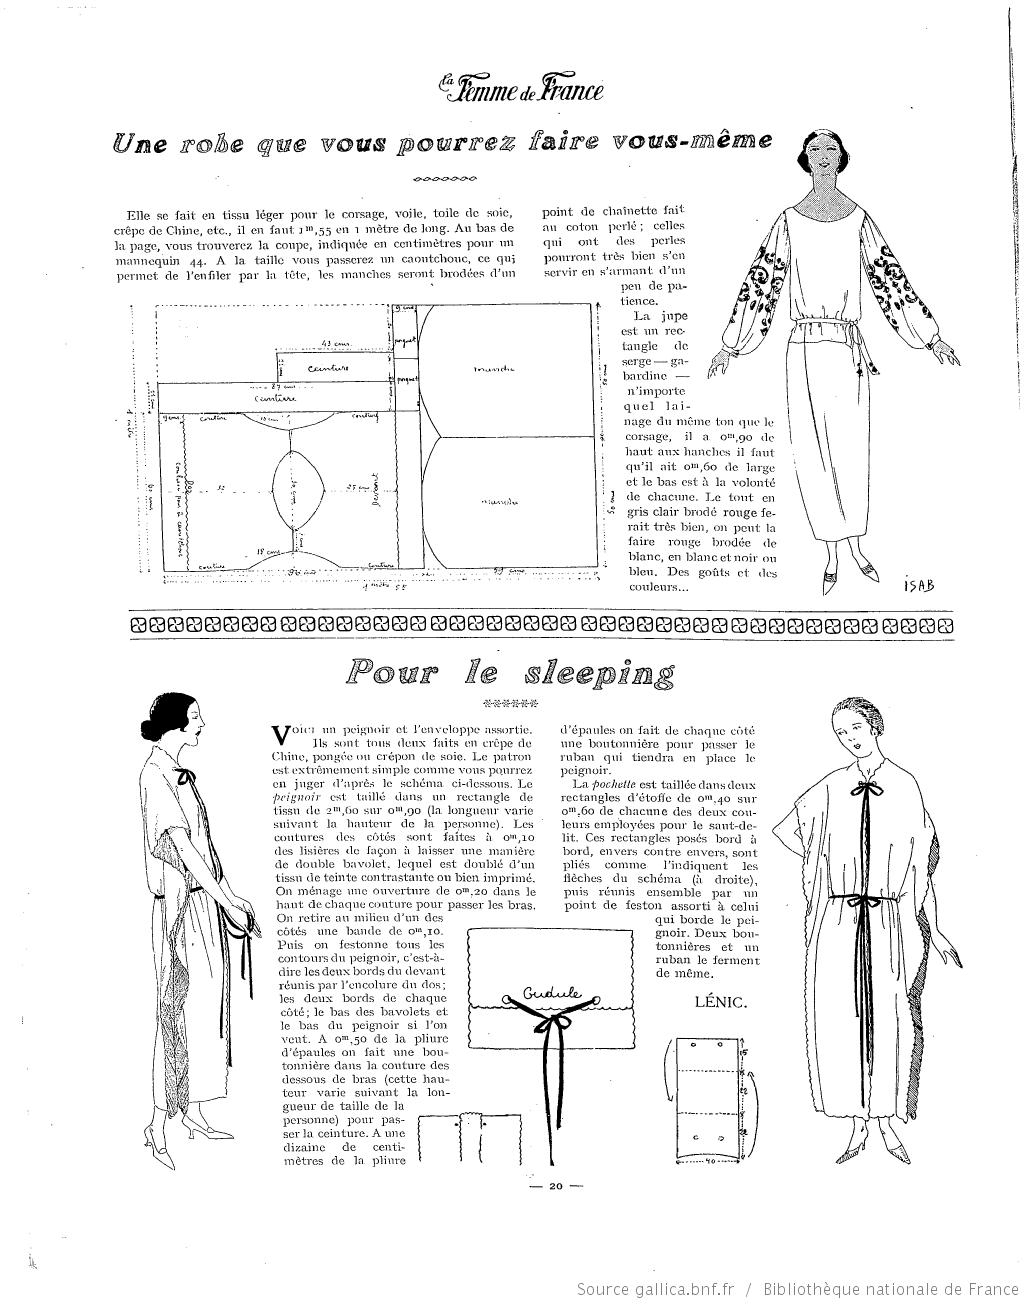 Les Modes de la femme de France   1922-05-28   Gallica   крой ...